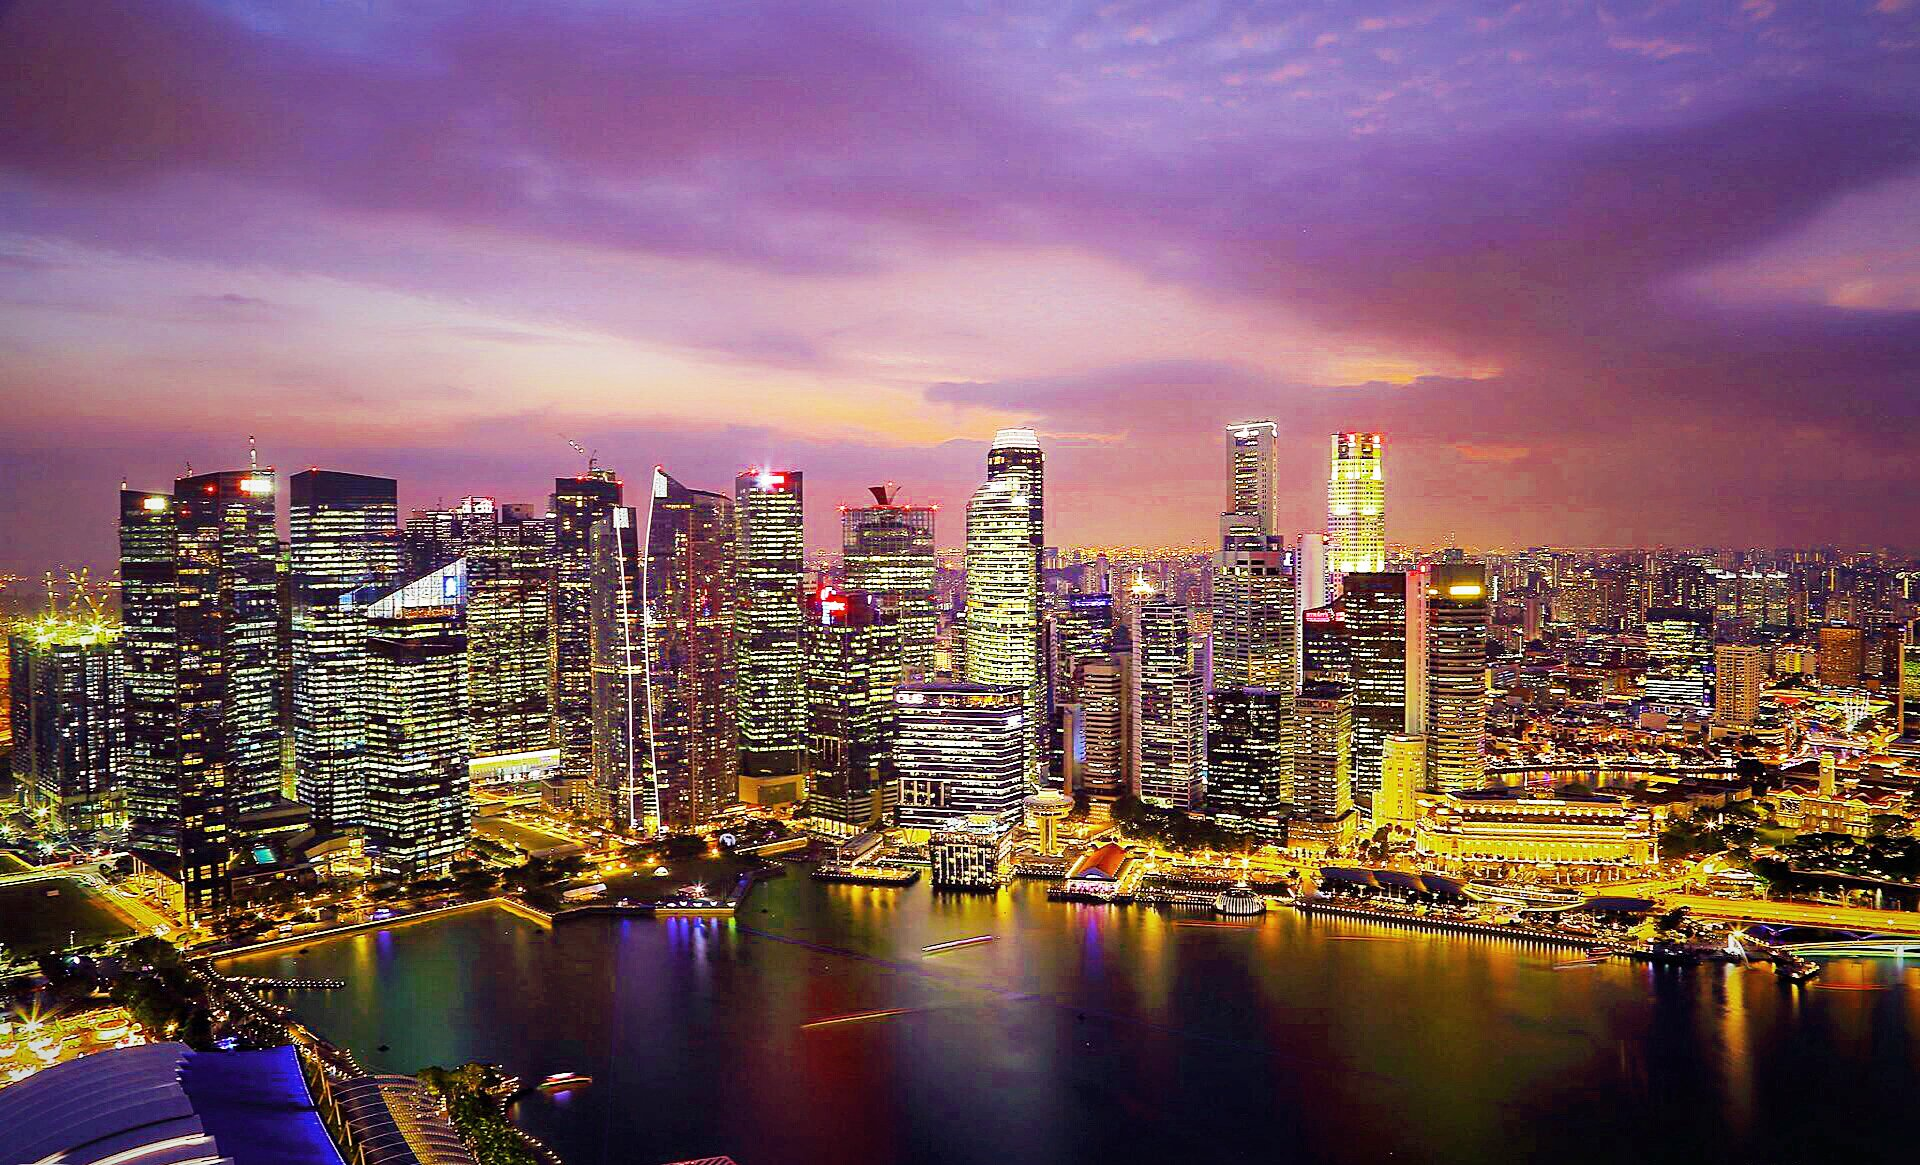 ฅ•ɷ•ฅ  【新】心念念 【坡】好玩 新加坡5天之旅ᴴᴱᴸᴸᴼ*ᴴᴱᴸᴸᴼ゛